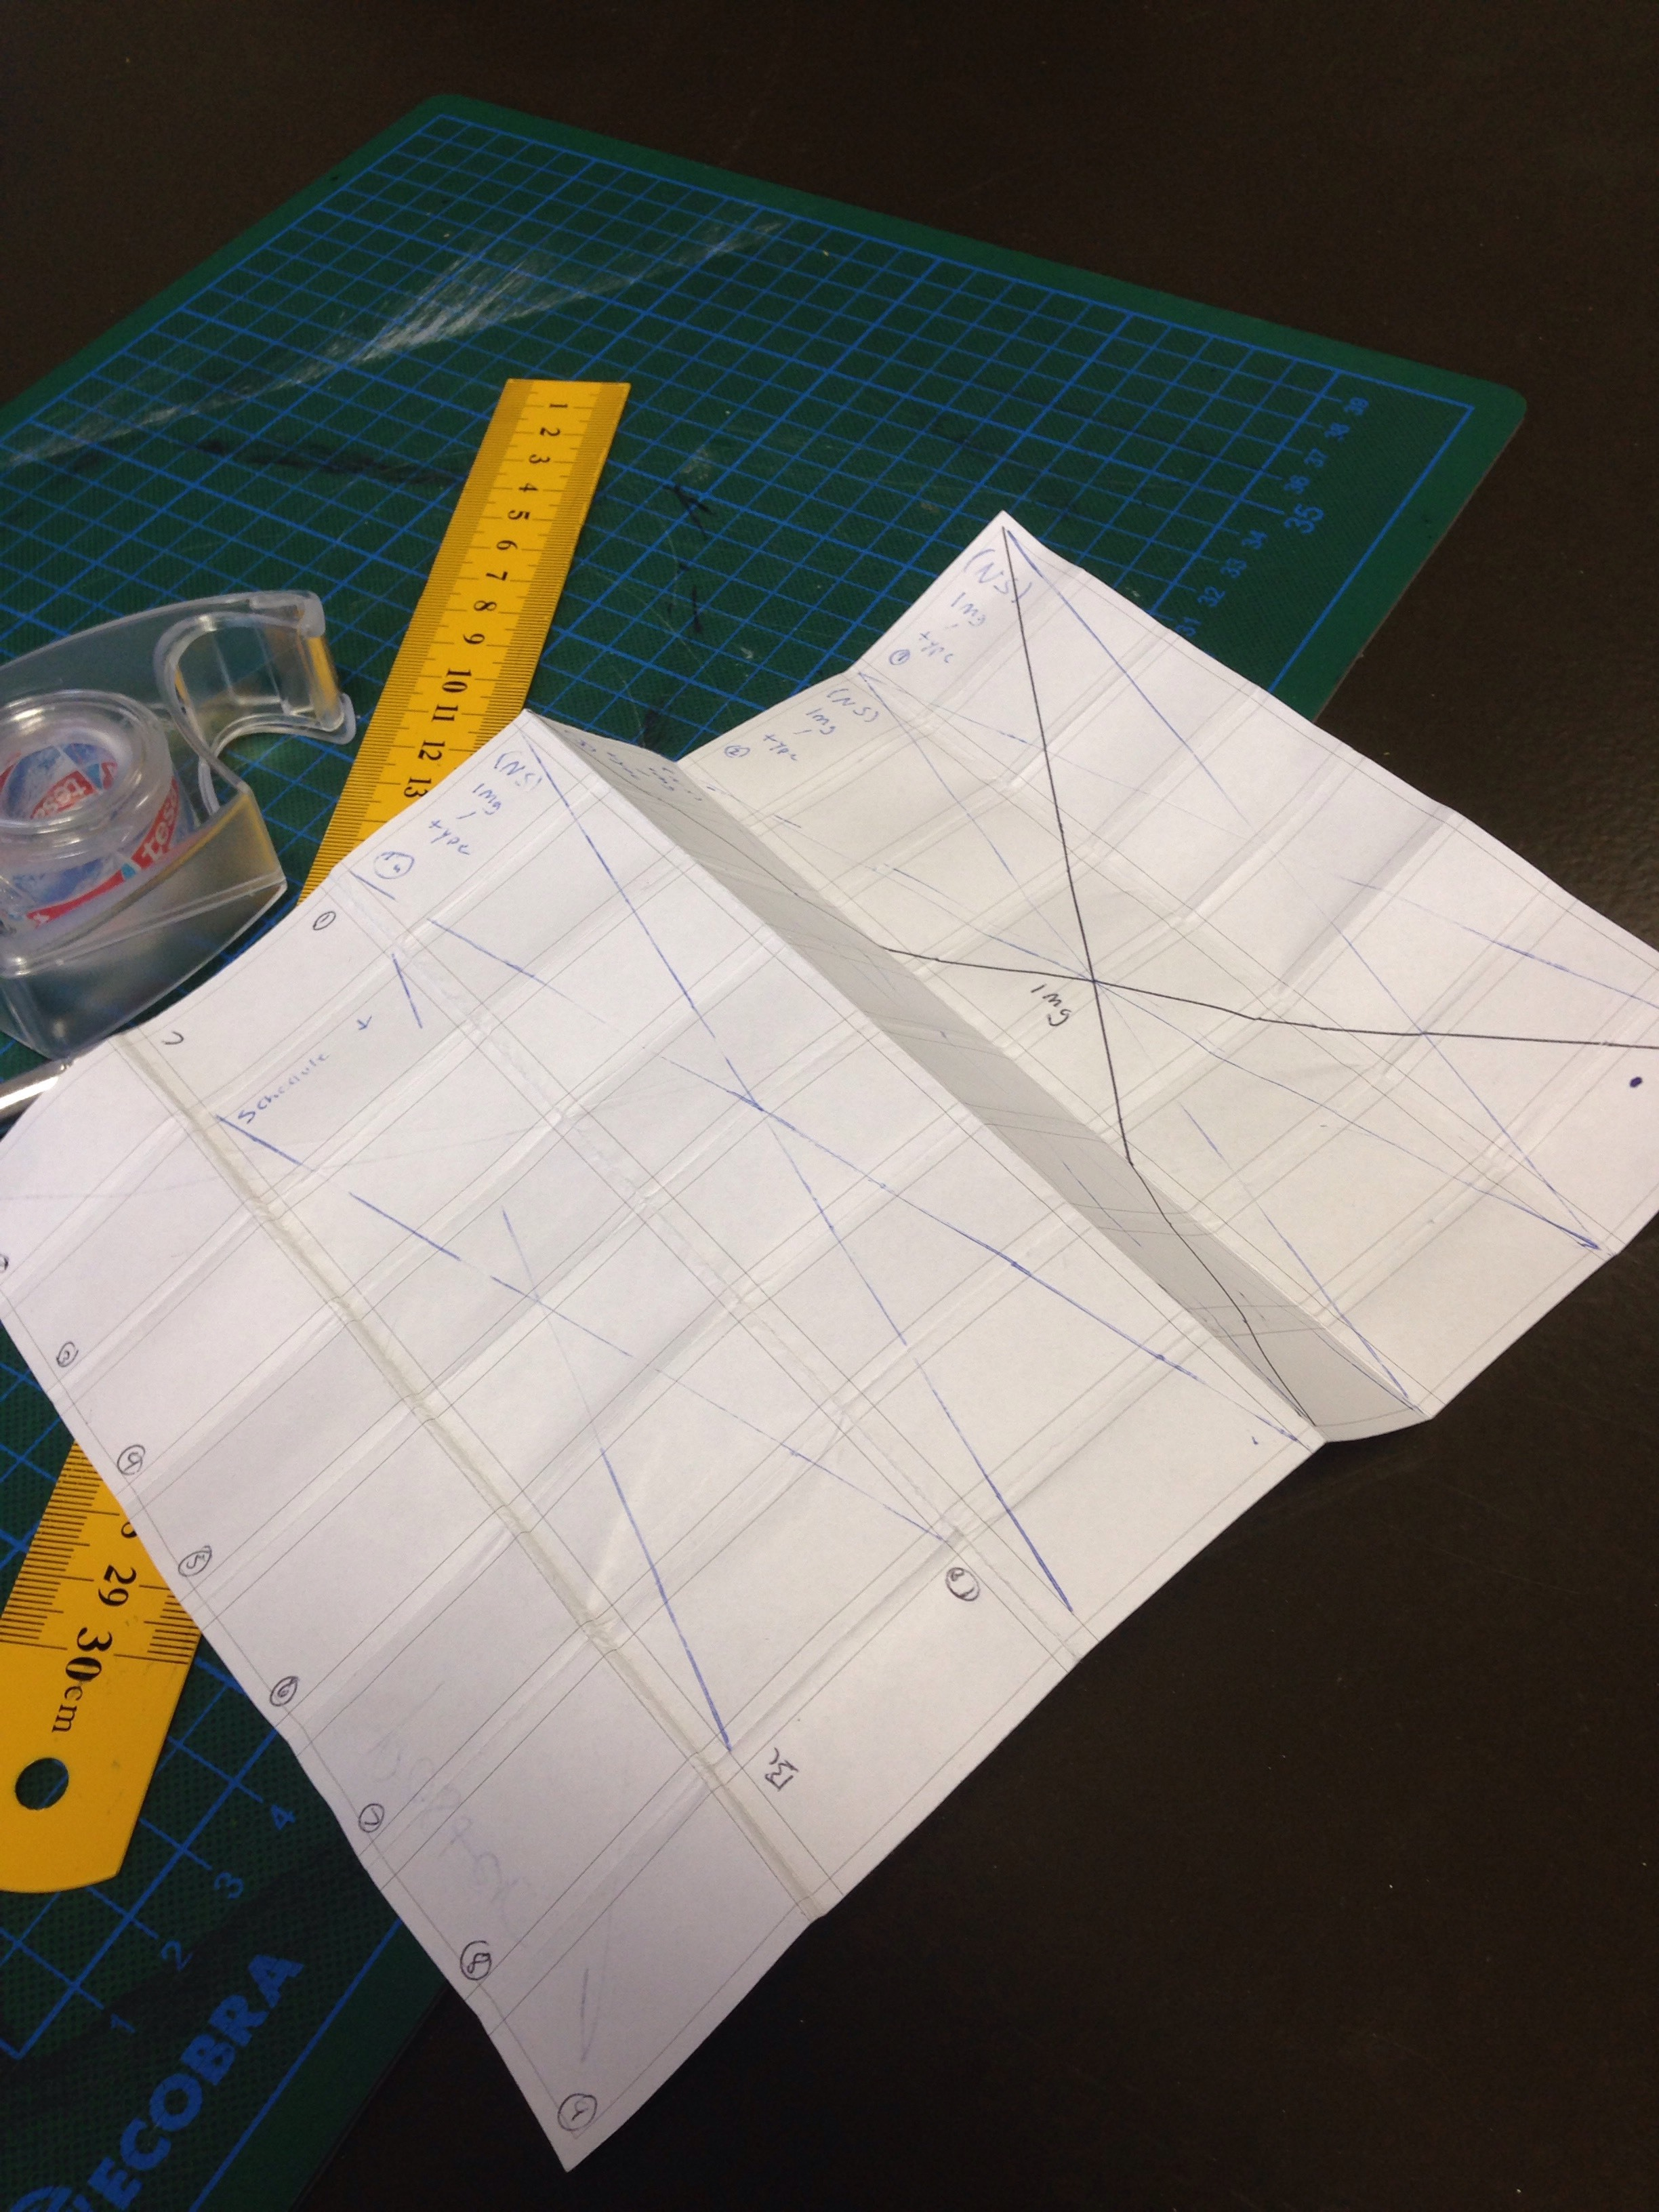 tour quadrathalon / grids